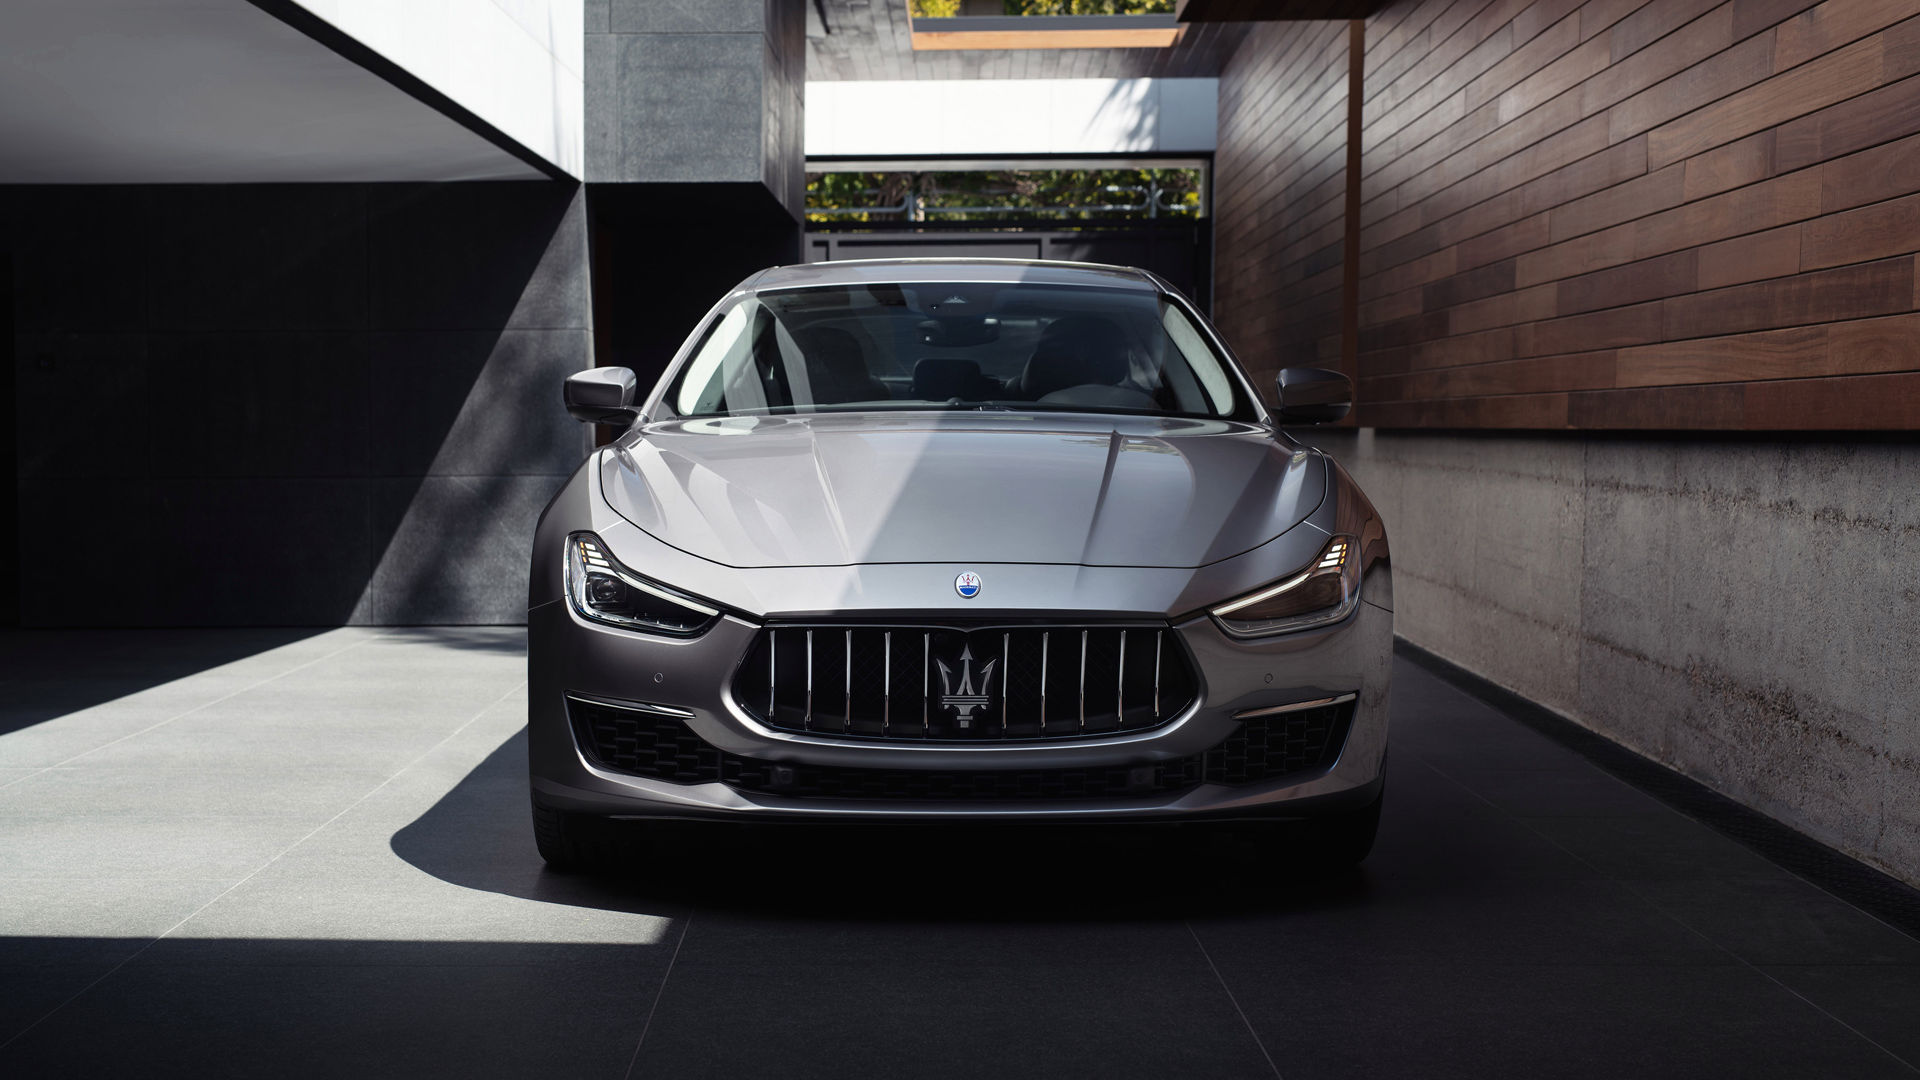 Maserati Ghibli grigia MY19: la berlina sportiva della Casa del Tridente. Disponibile anche con la formula di noleggio a lungo termine.